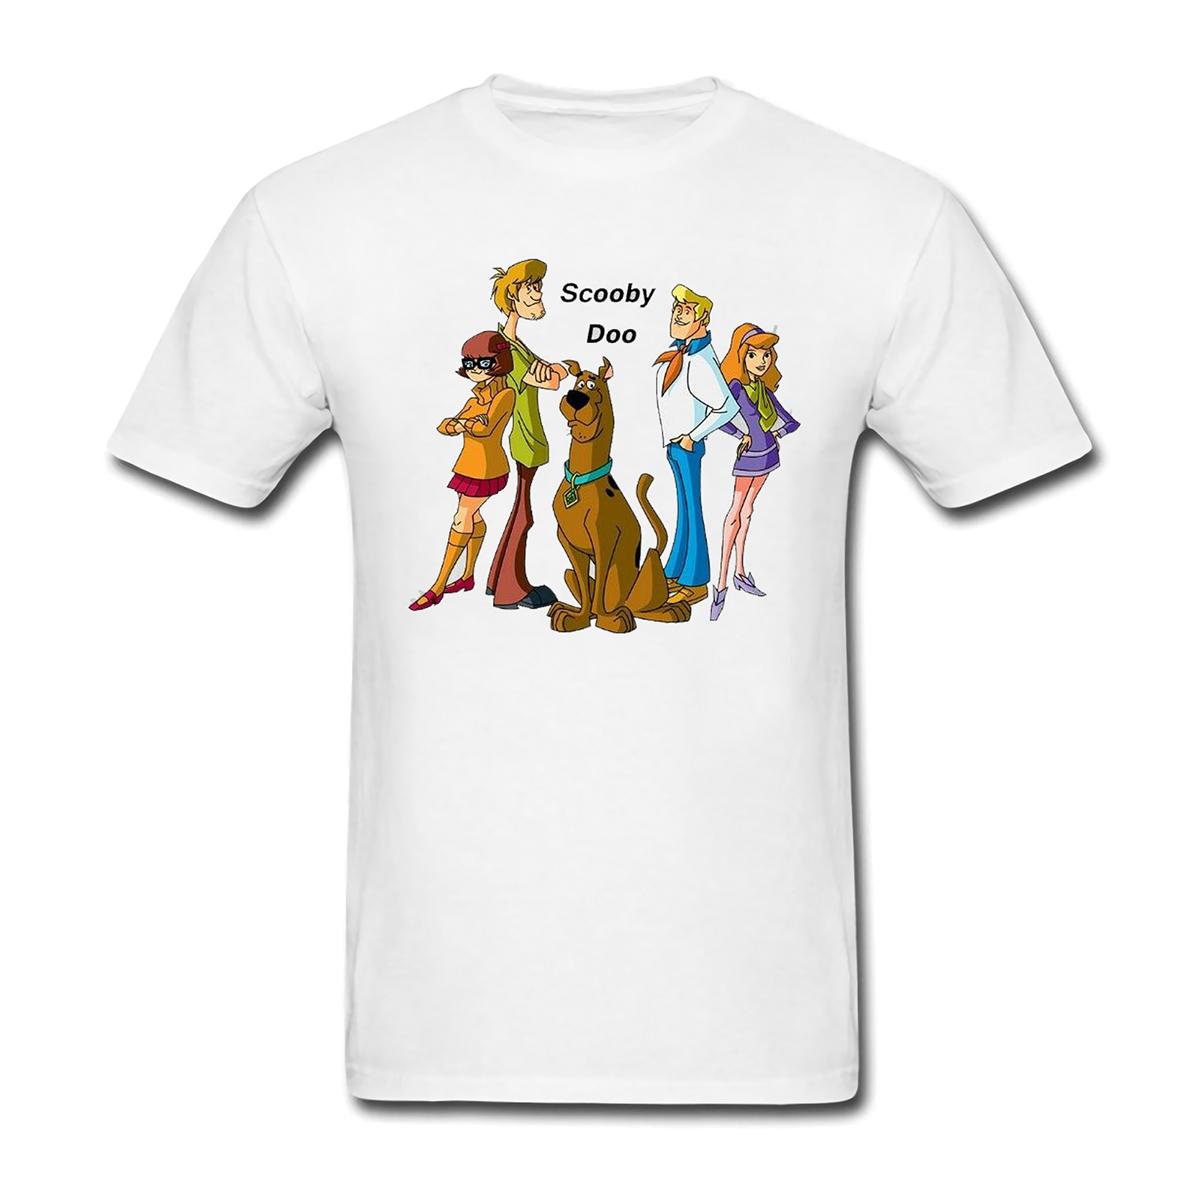 Scooby cartoon funny family retro mens and womens Short Sleeve T-Shirt